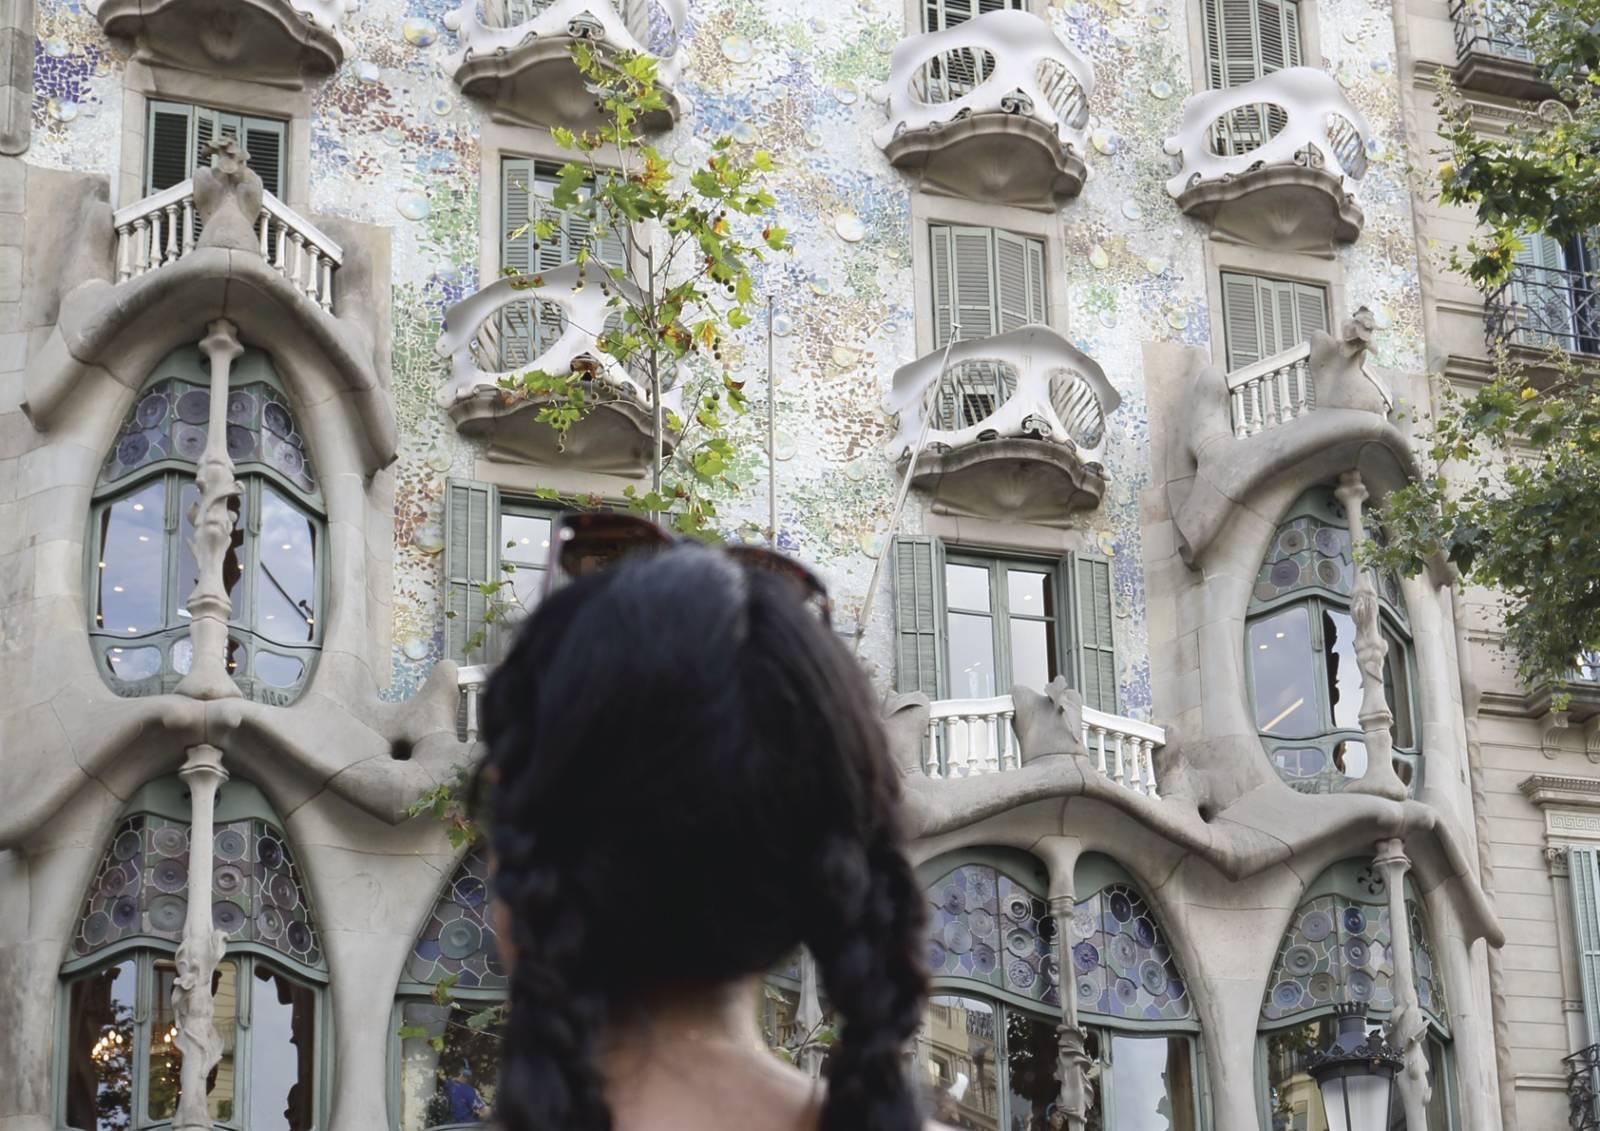 Casa Batlló von Antoni Gaudí in Barcelona